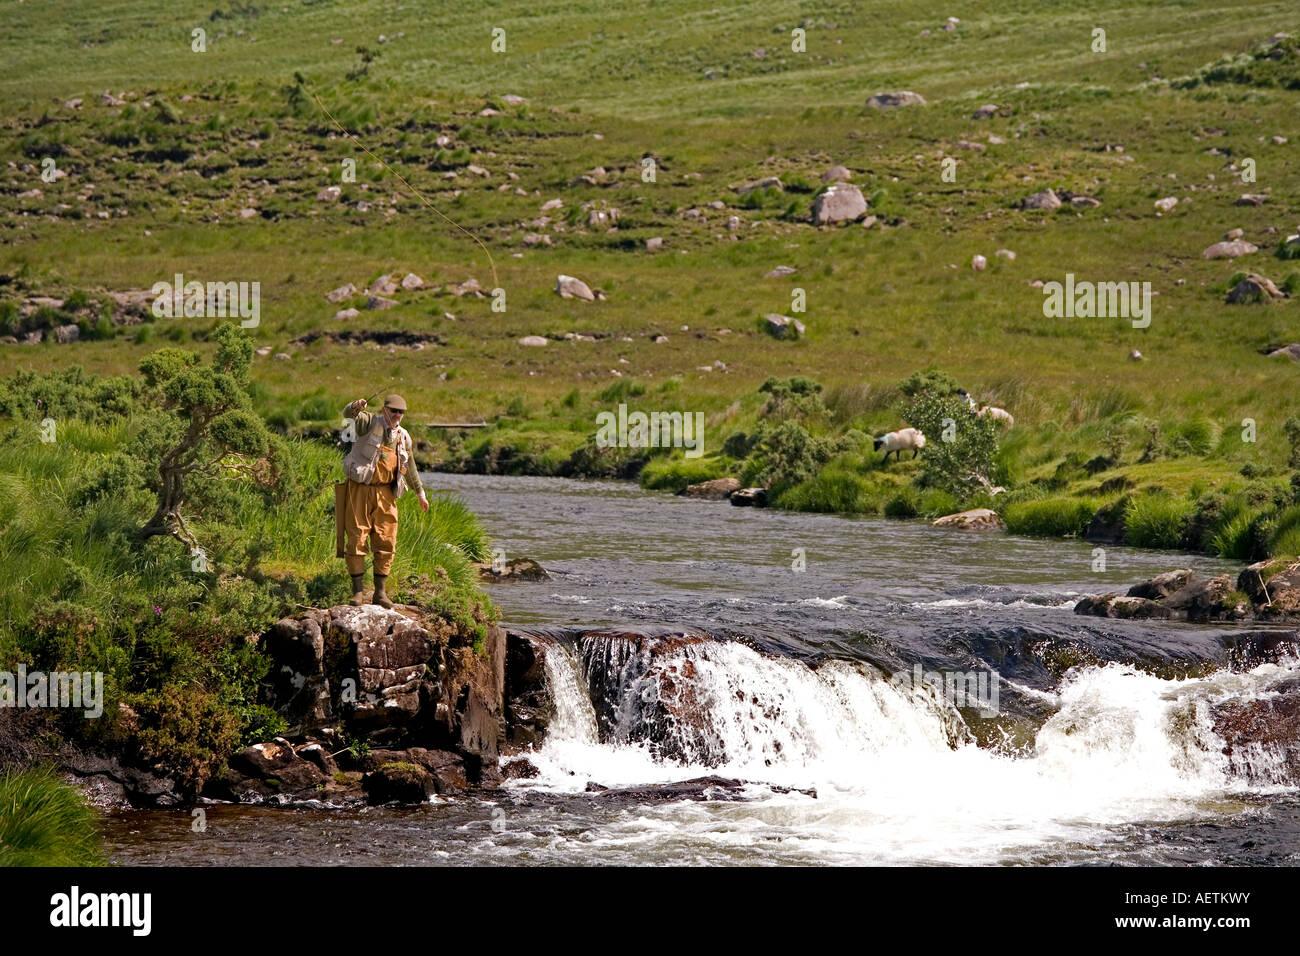 Bundorragha, River County Mayo, Ireland - Stock Image